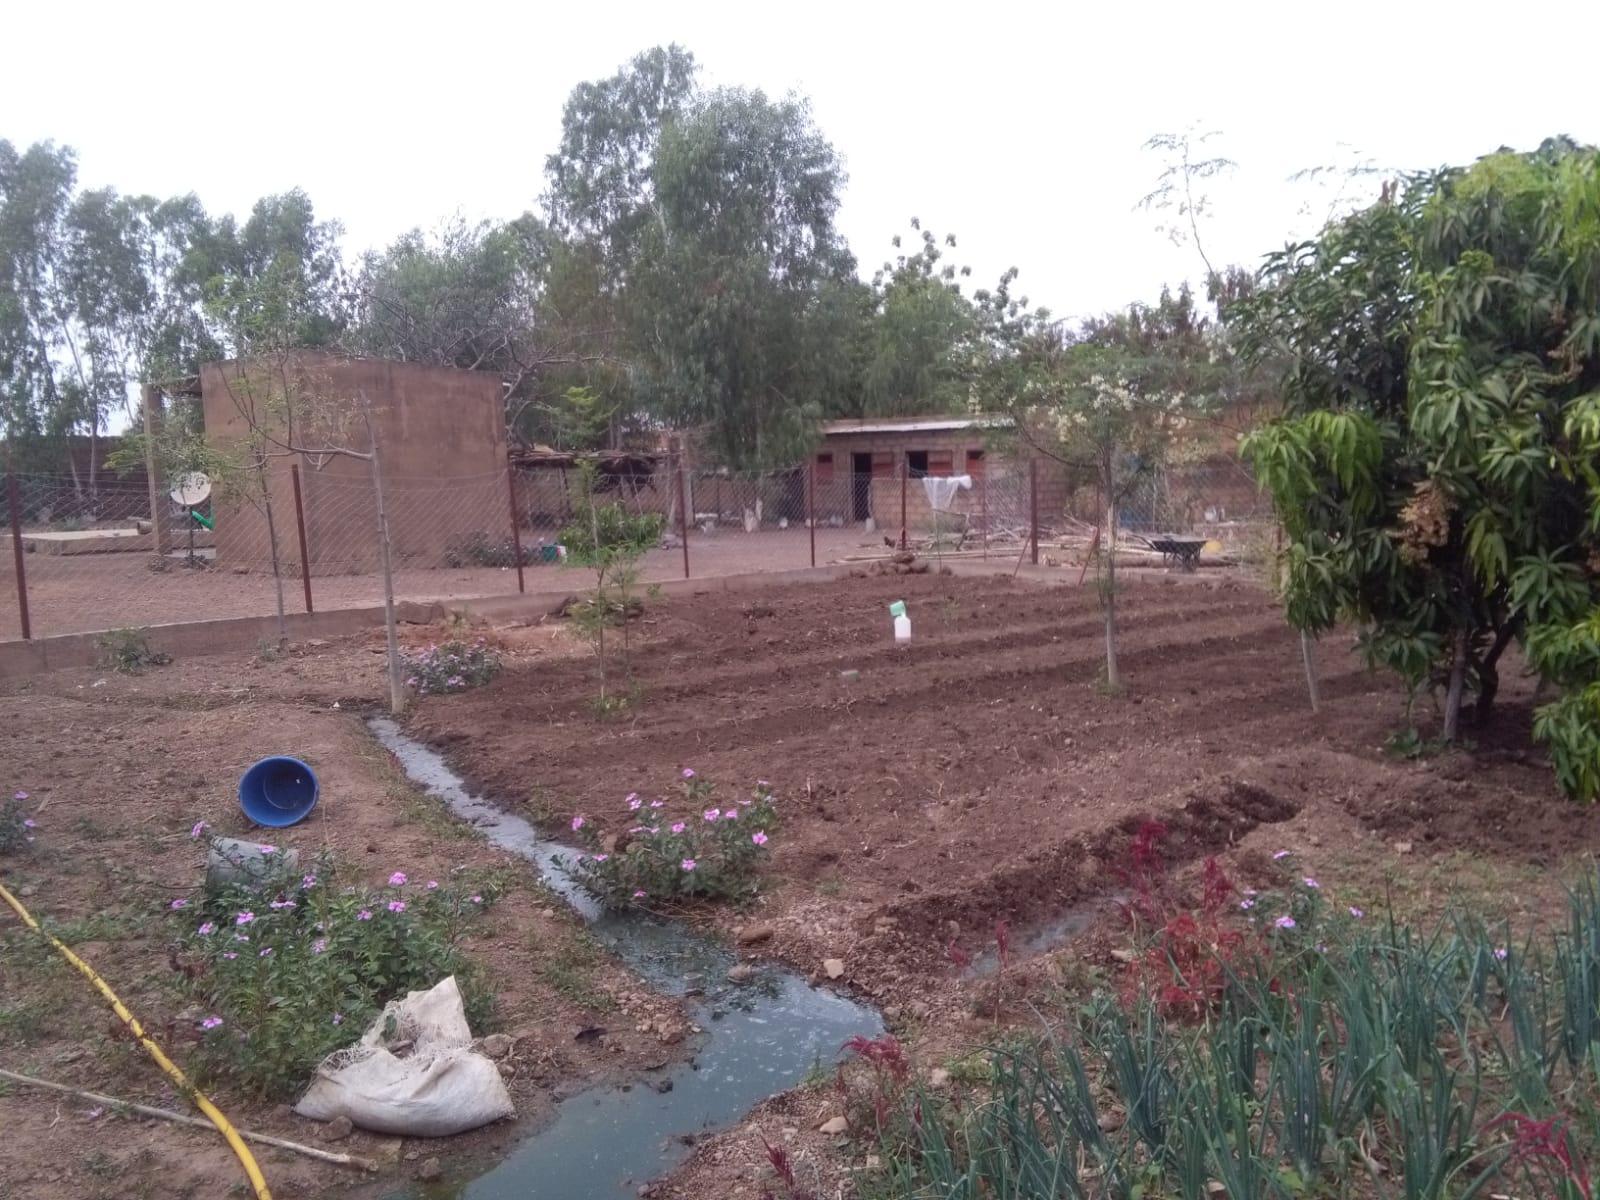 Der Garten musste eingezäumt werden, da die freilaufenden Tiere die ganze Ernte zerstörten. Auch dies konnte unser Verein finanzieren.